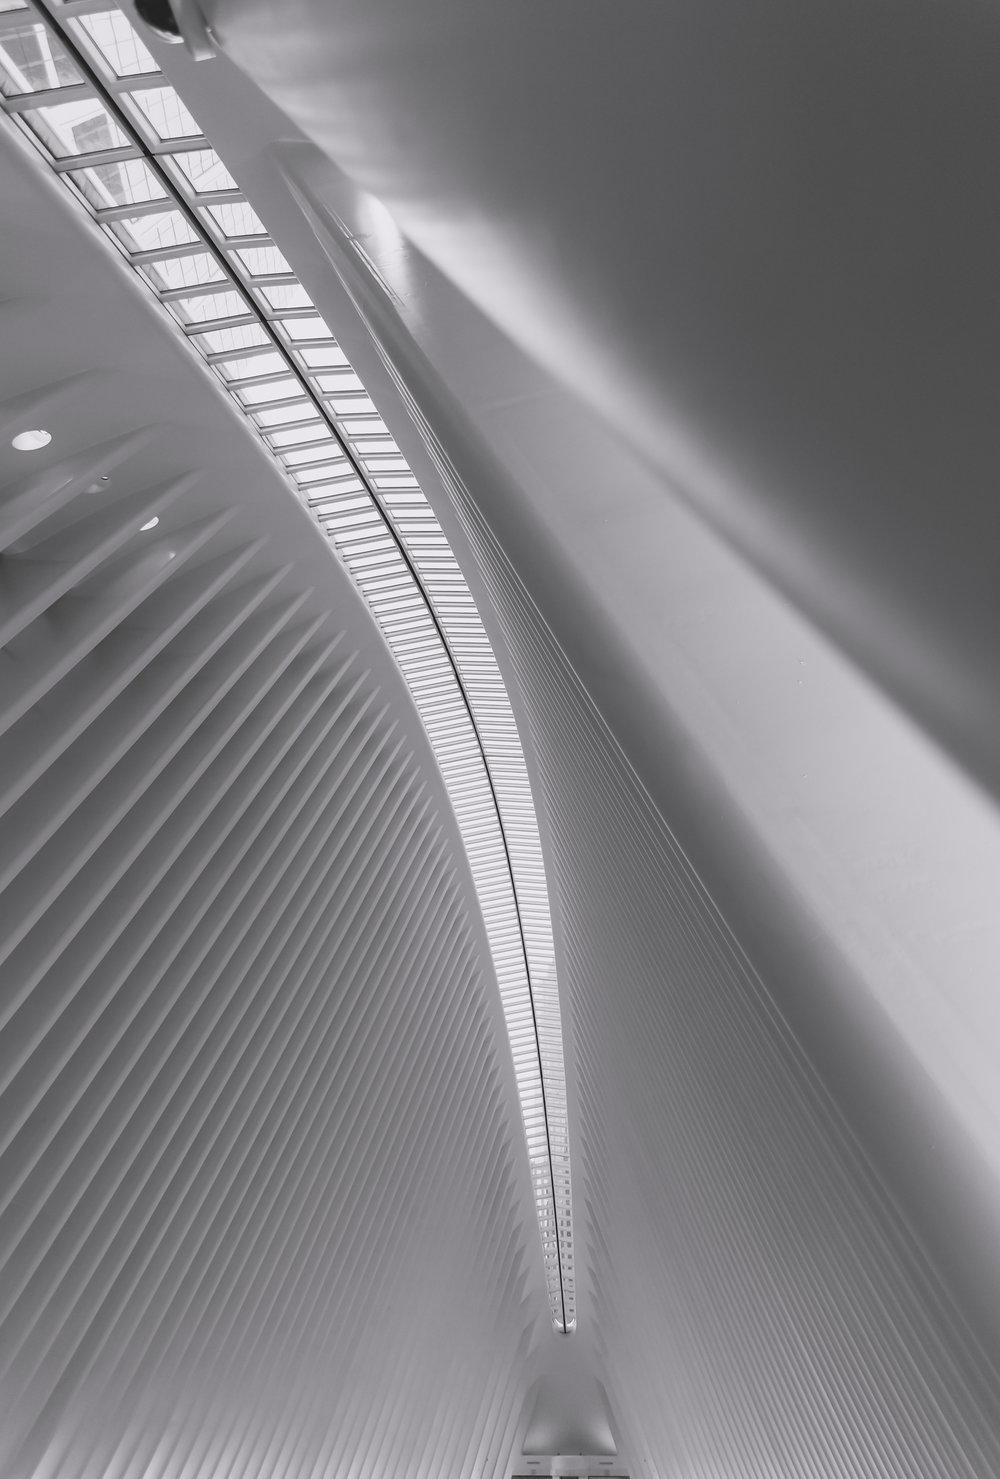 oculus spine.jpg